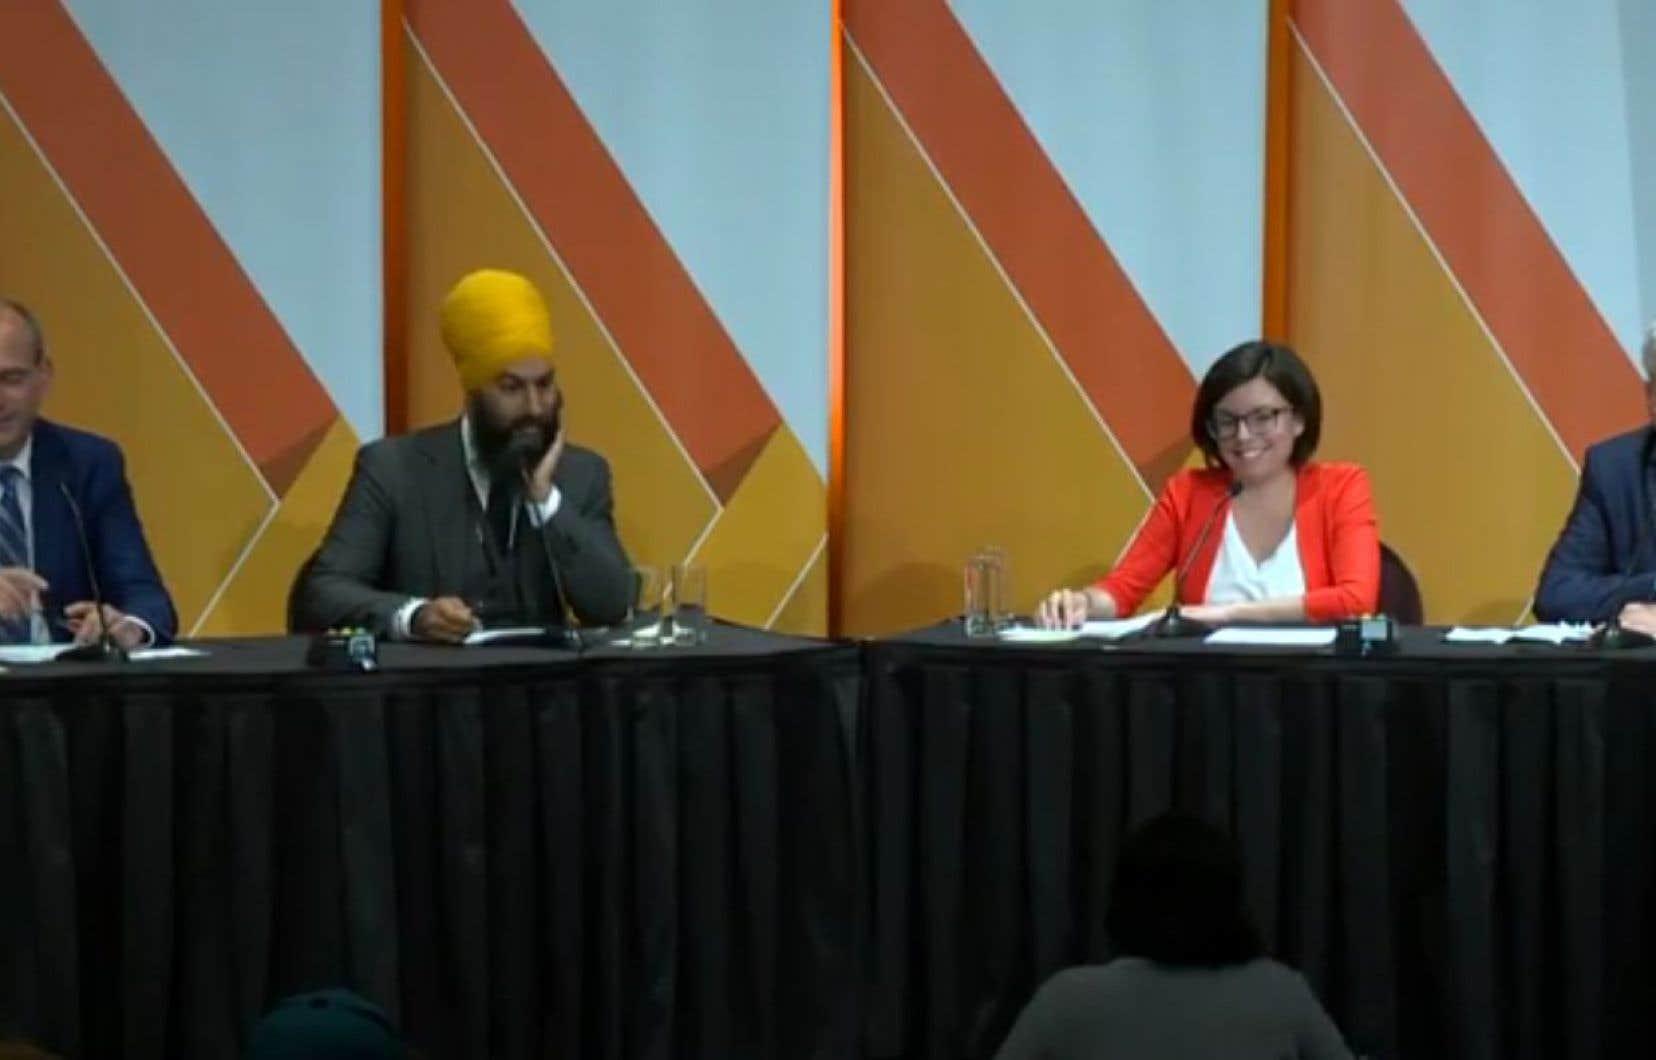 Le cinquième débat se déroulait mardi à Saskatoon, en Saskachewan.